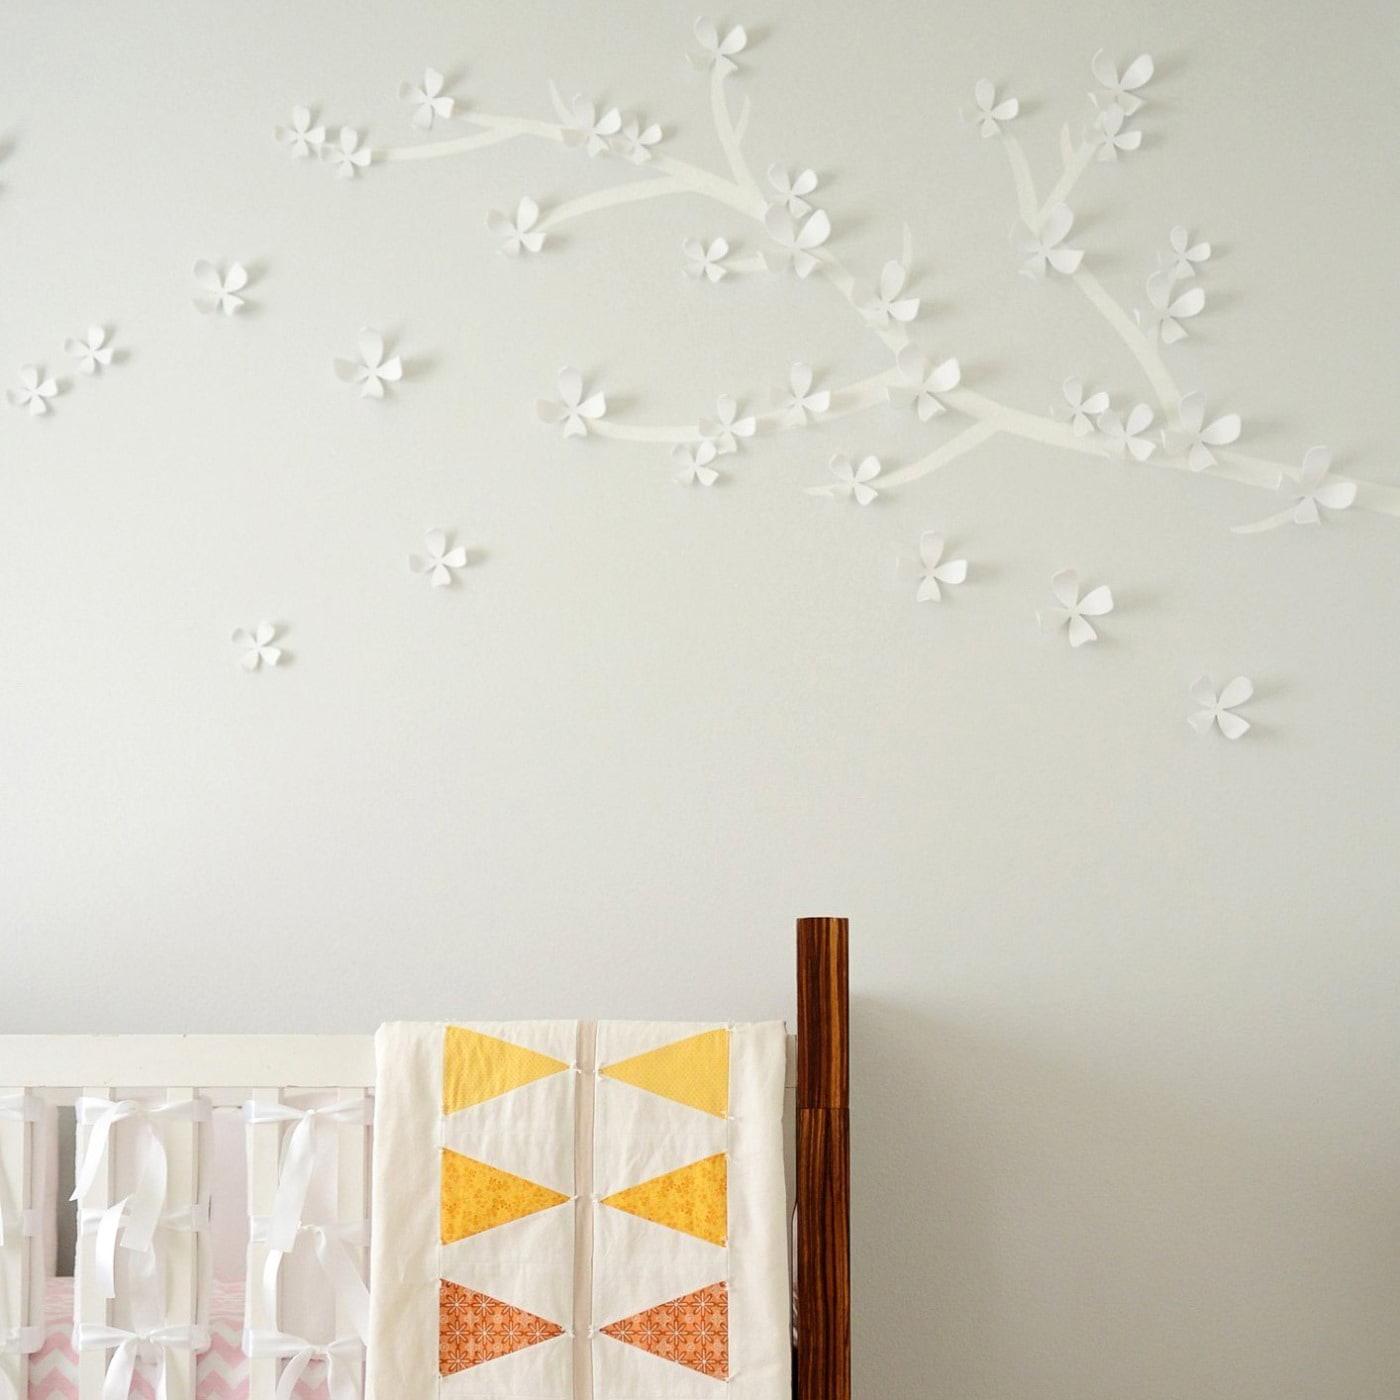 Umbra Wallflower Wall Decor White Design Is This